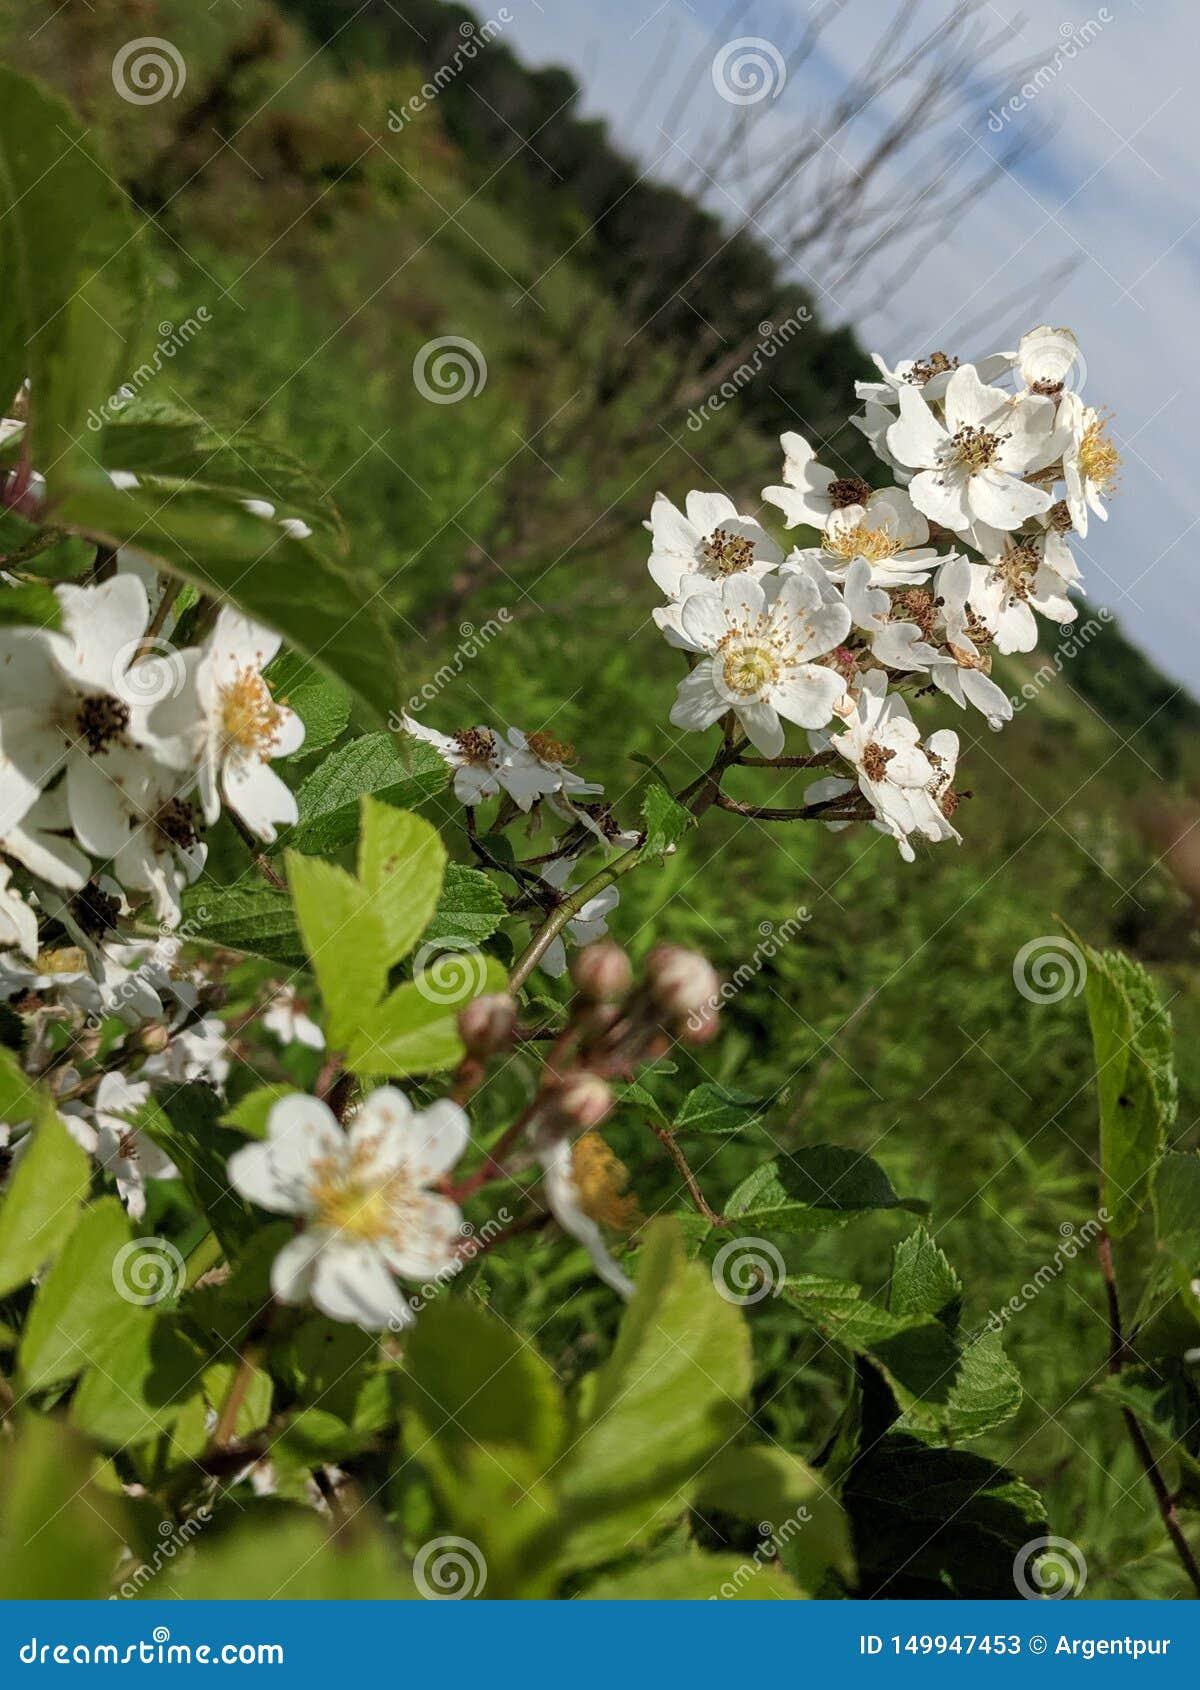 White valerian flower bunch in meadow